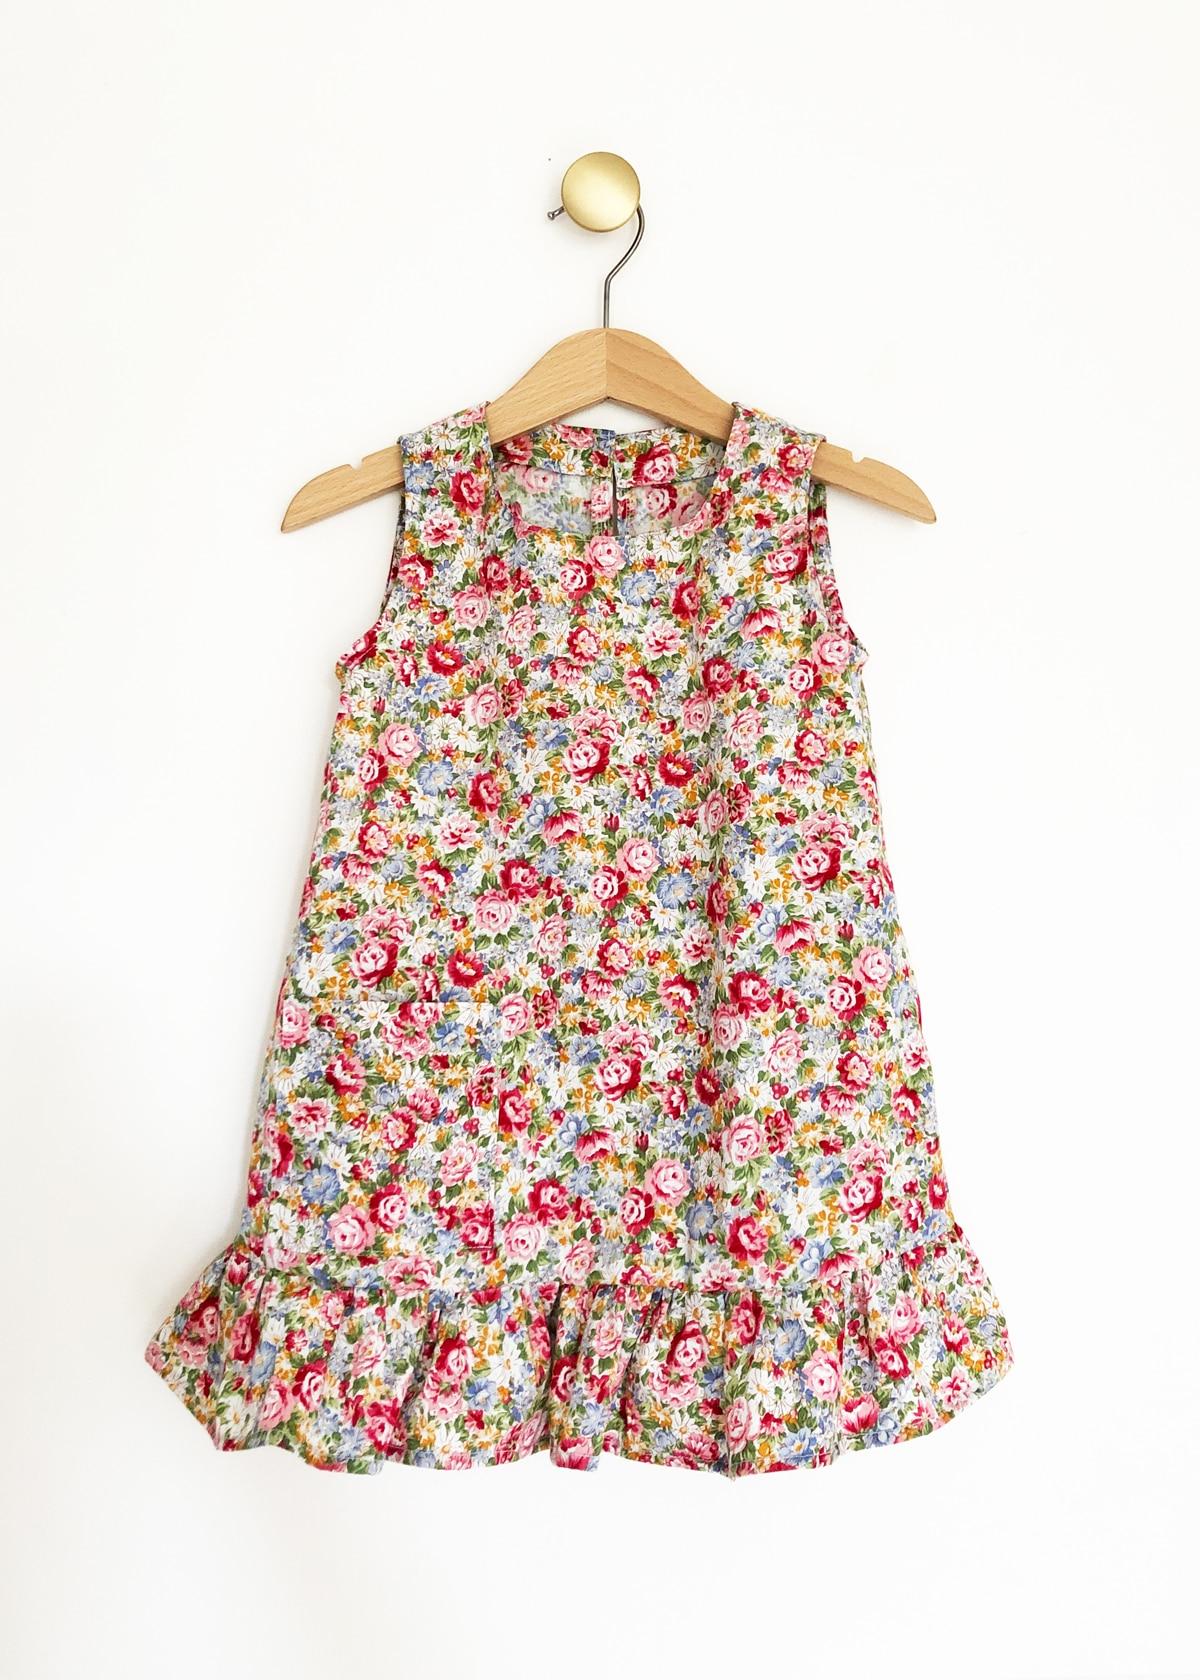 b2d8c52189 Little RWD Summer shirt, floral print